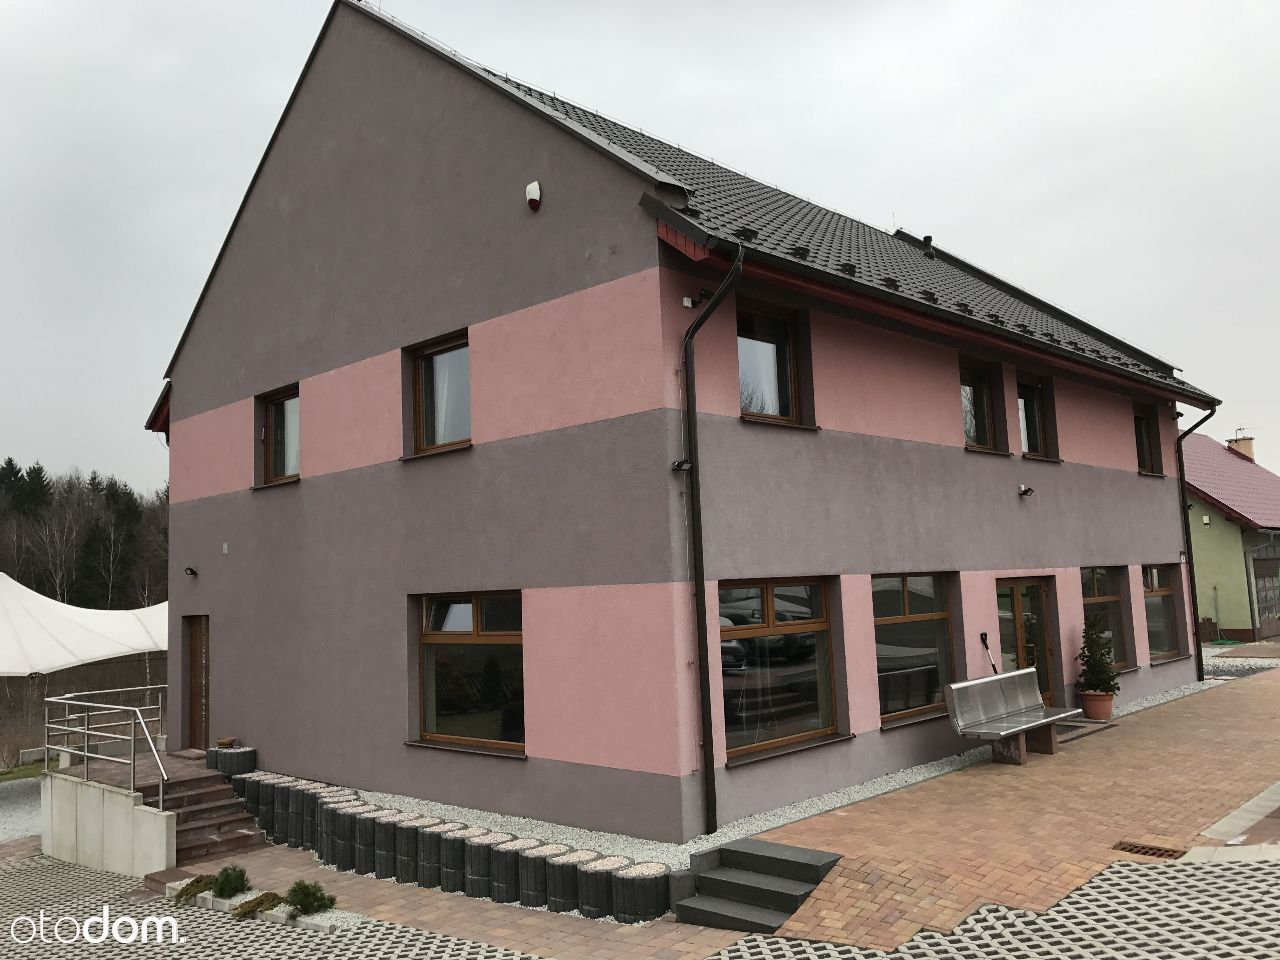 Dom na sprzedaż, Lubań, lubański, dolnośląskie - Foto 1